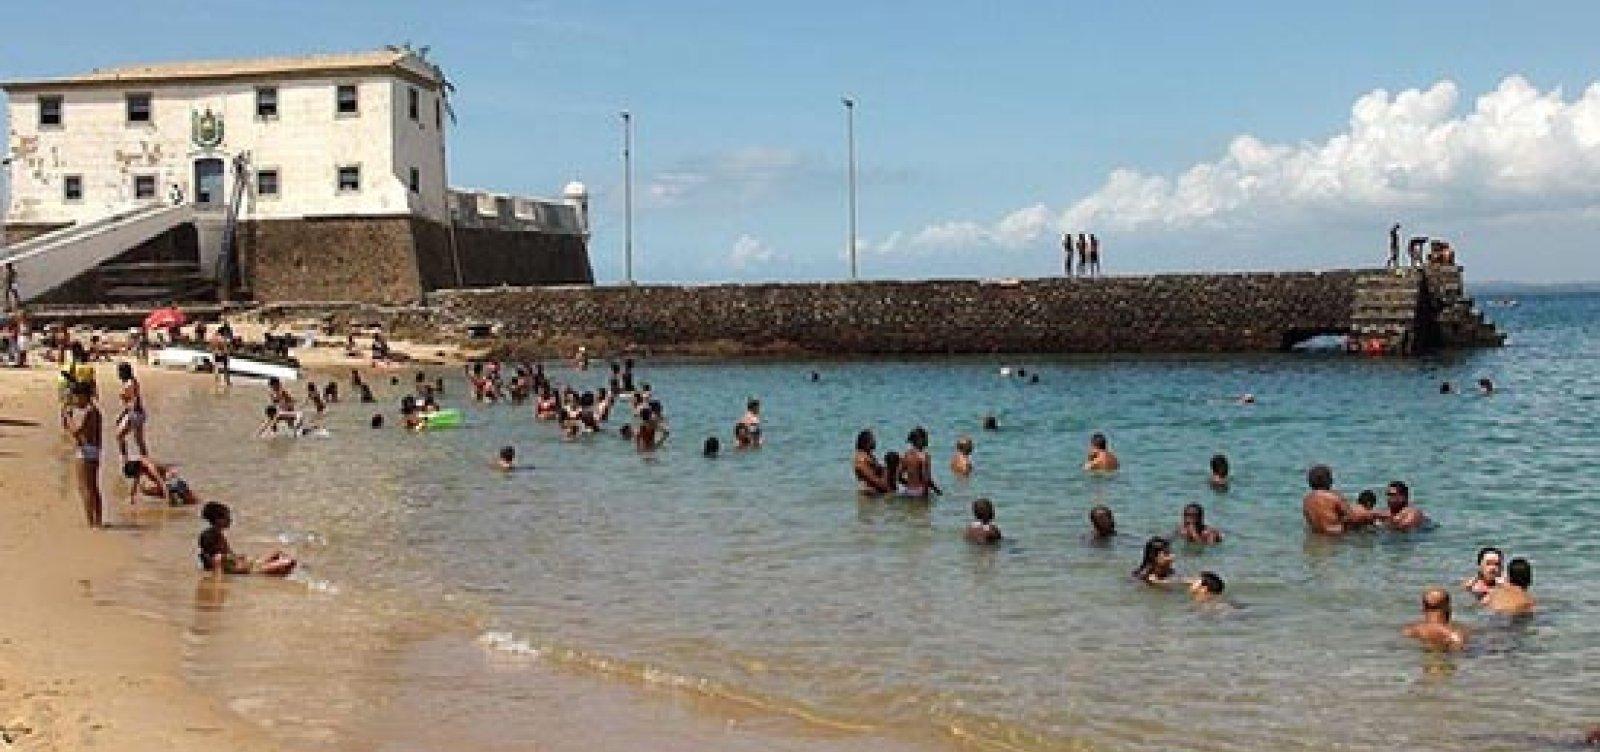 [Briga entre facções deixa três pessoas feridas no Porto da Barra]